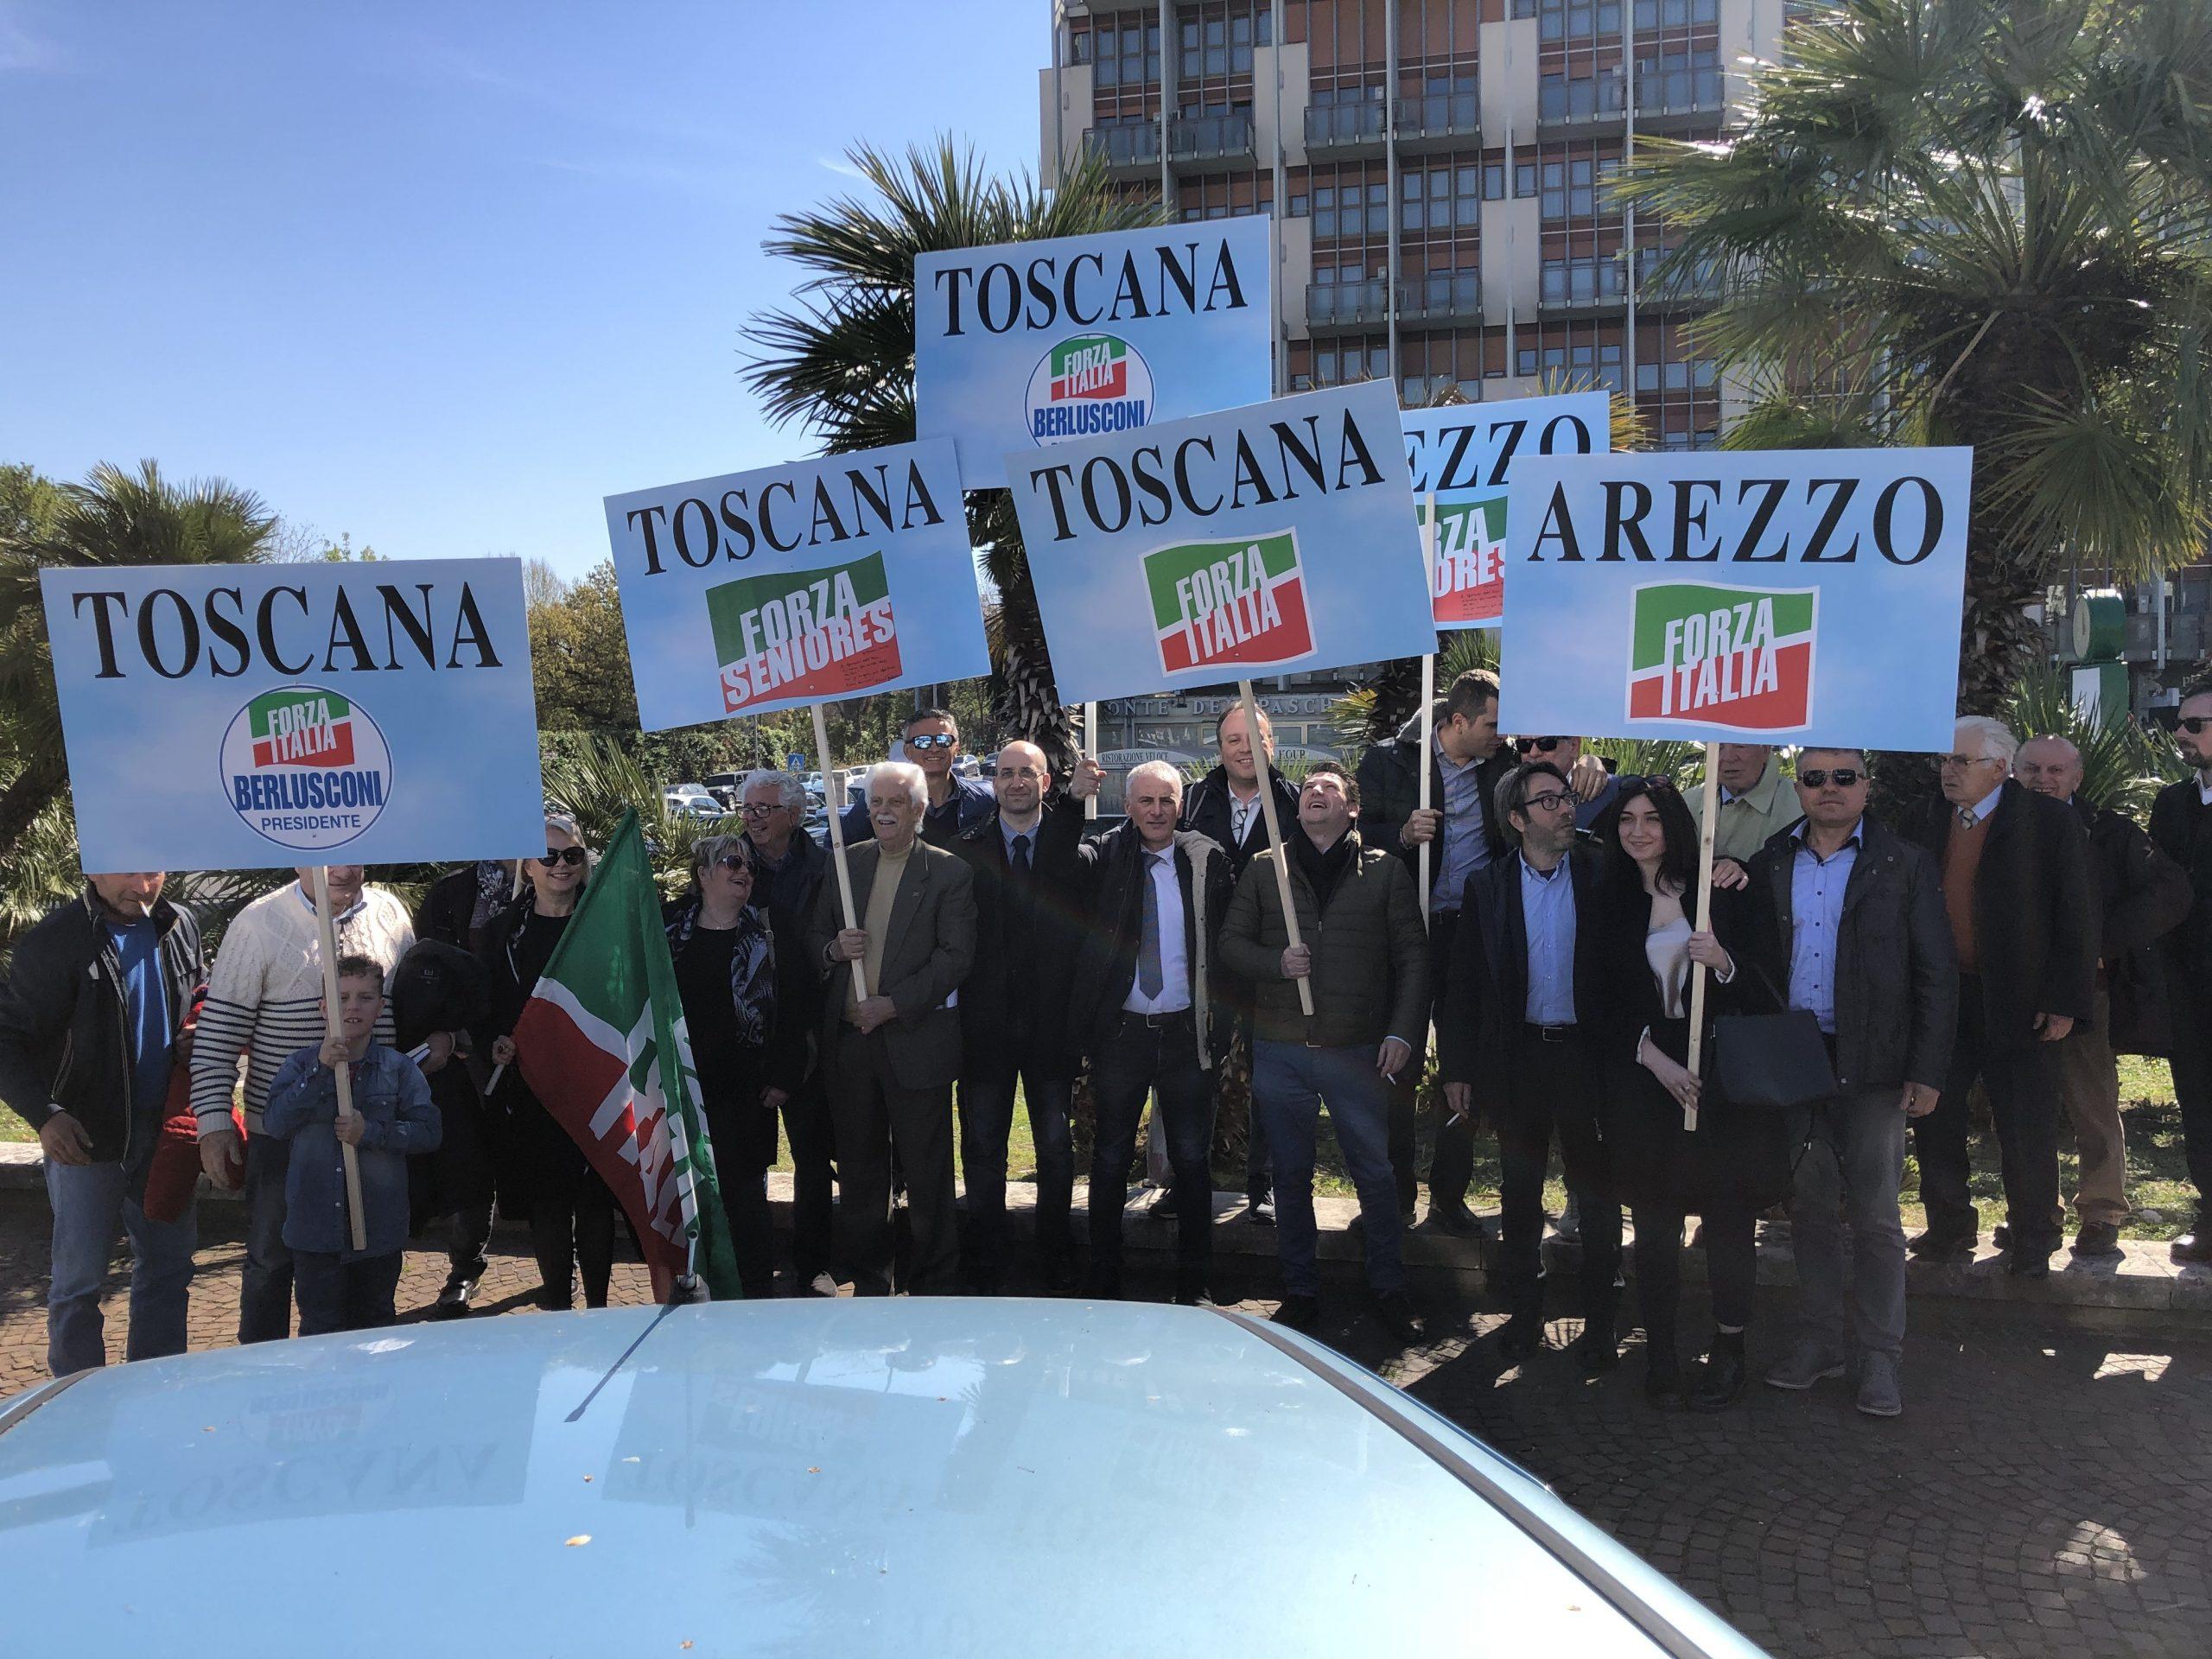 Assemblea Nazionale: Arezzo c'è!